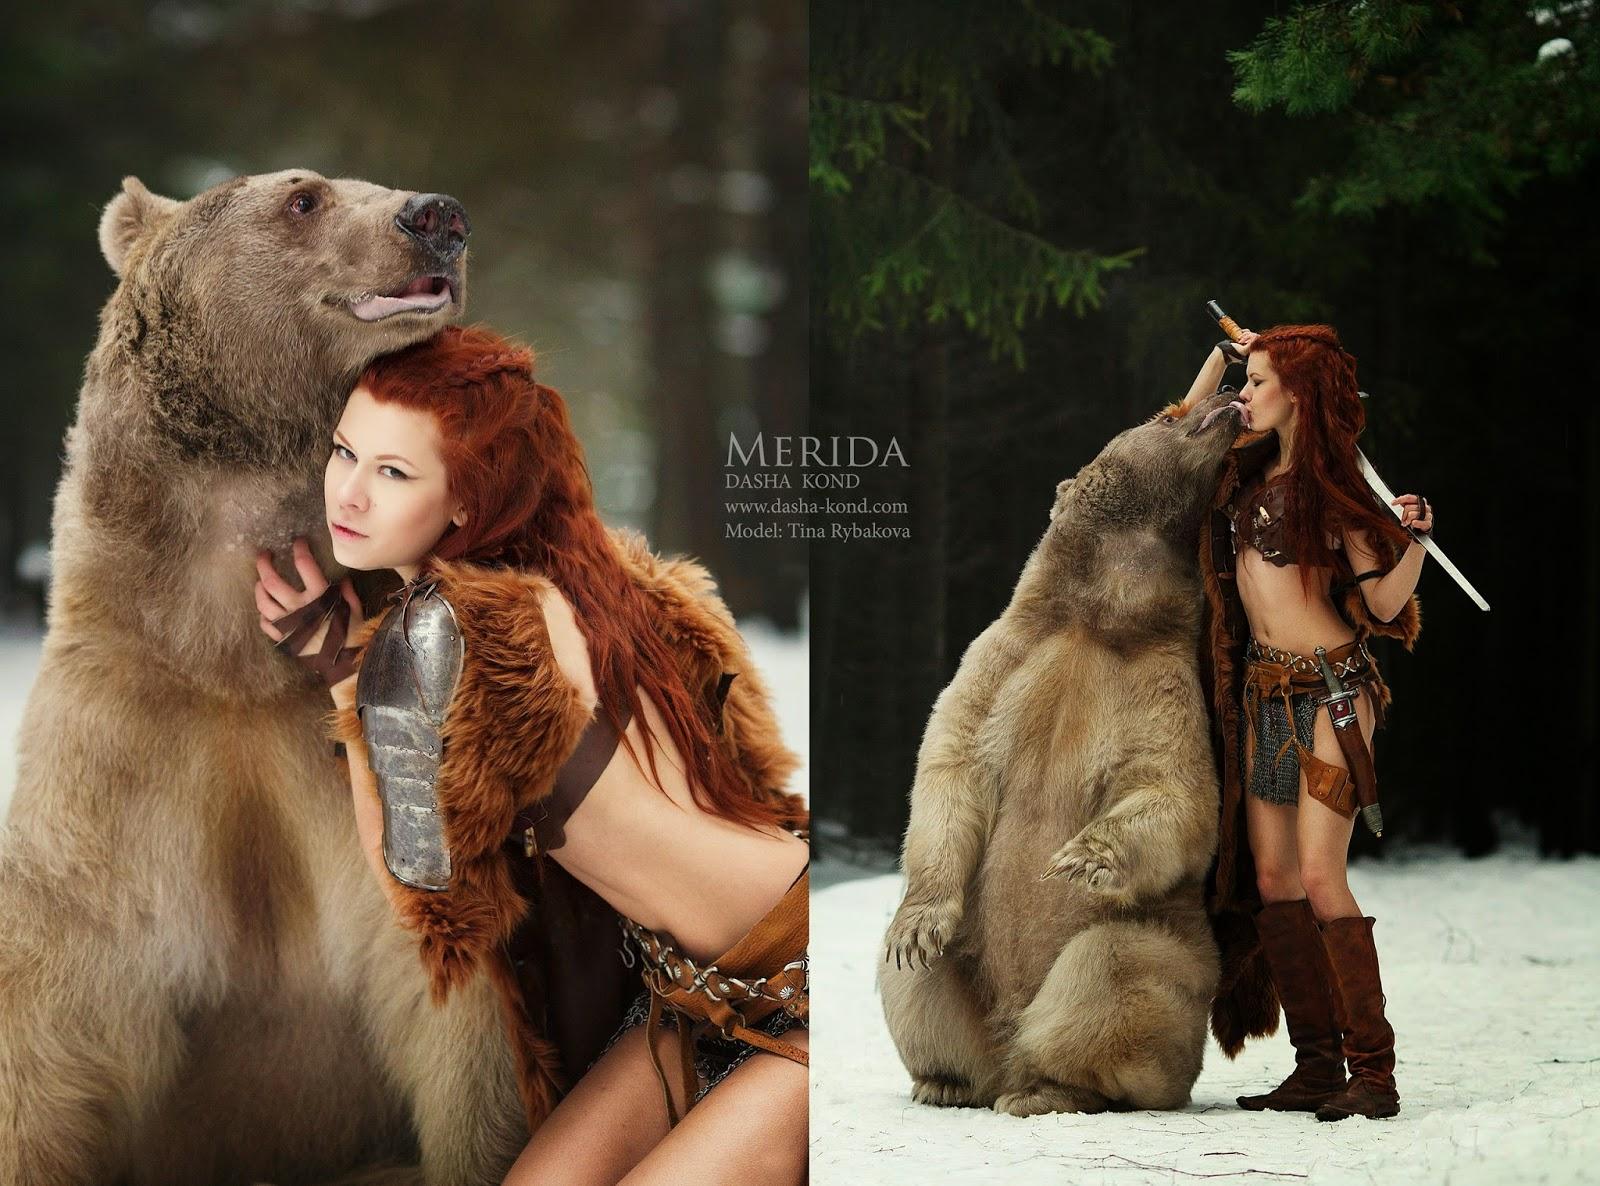 dyptique d'une femme en costume de merida serrant un ours dans ses bras  par Dasha Kond